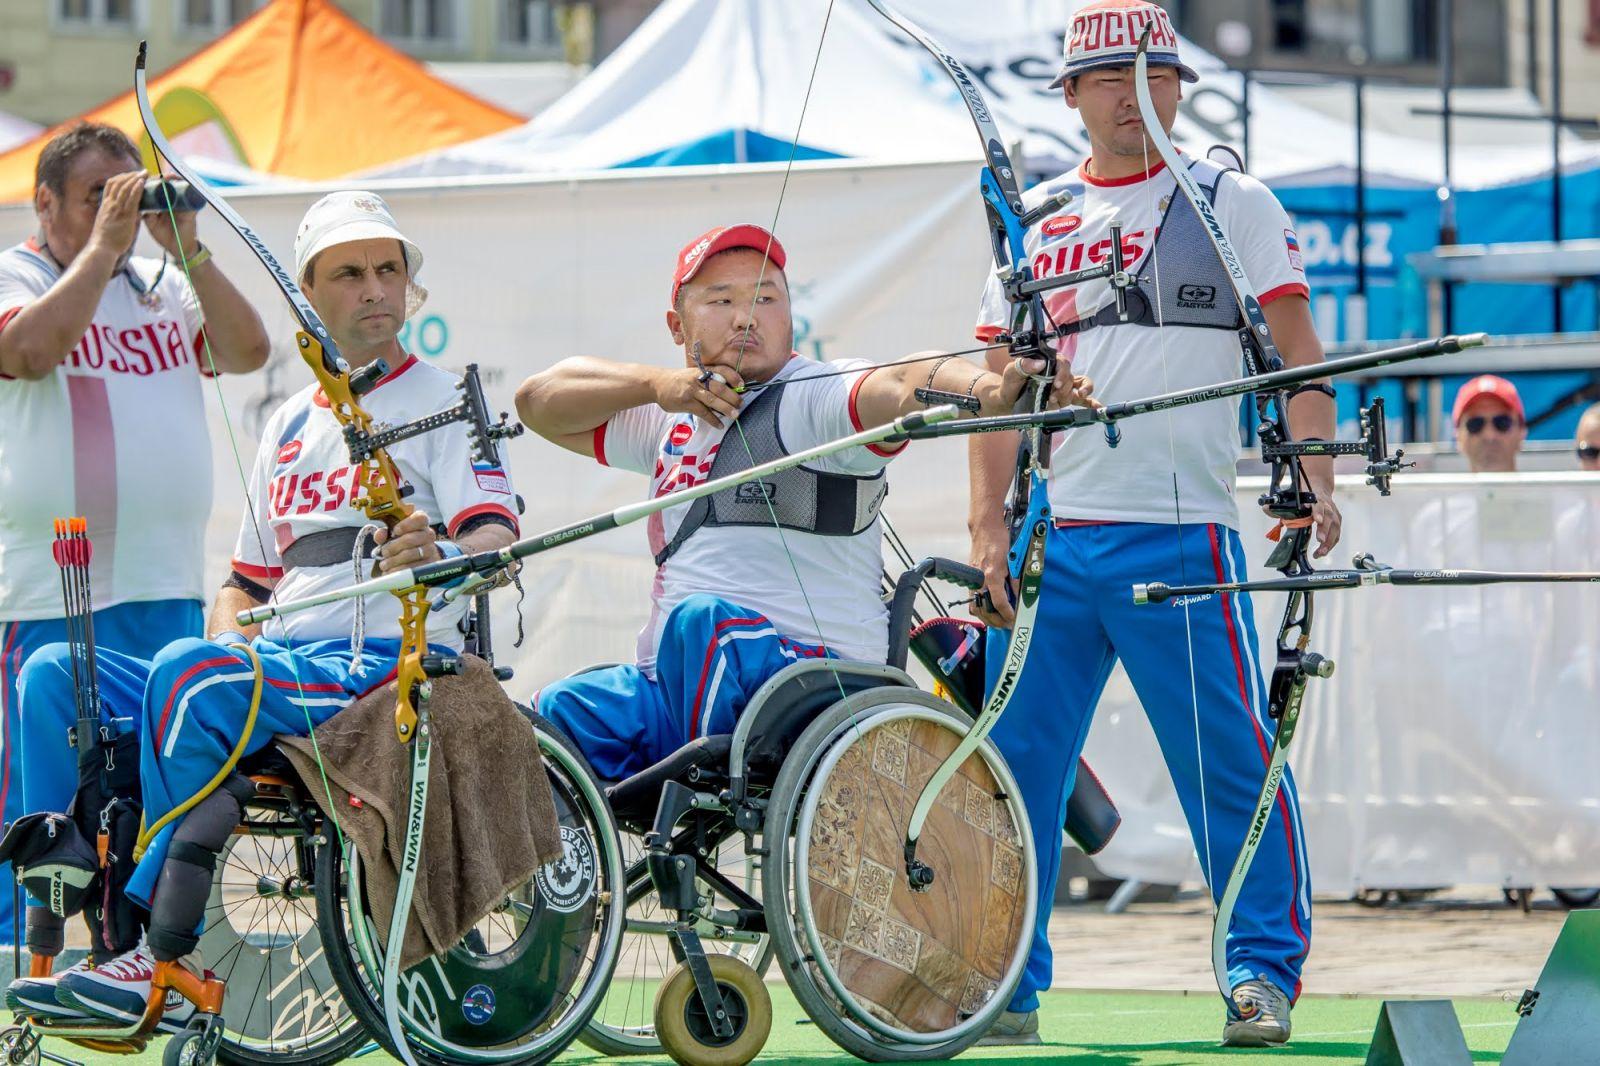 Сборная команда России по стрельбе из лука спорта лиц с ПОДА примет участие в чемпионате мира в Нидерландах